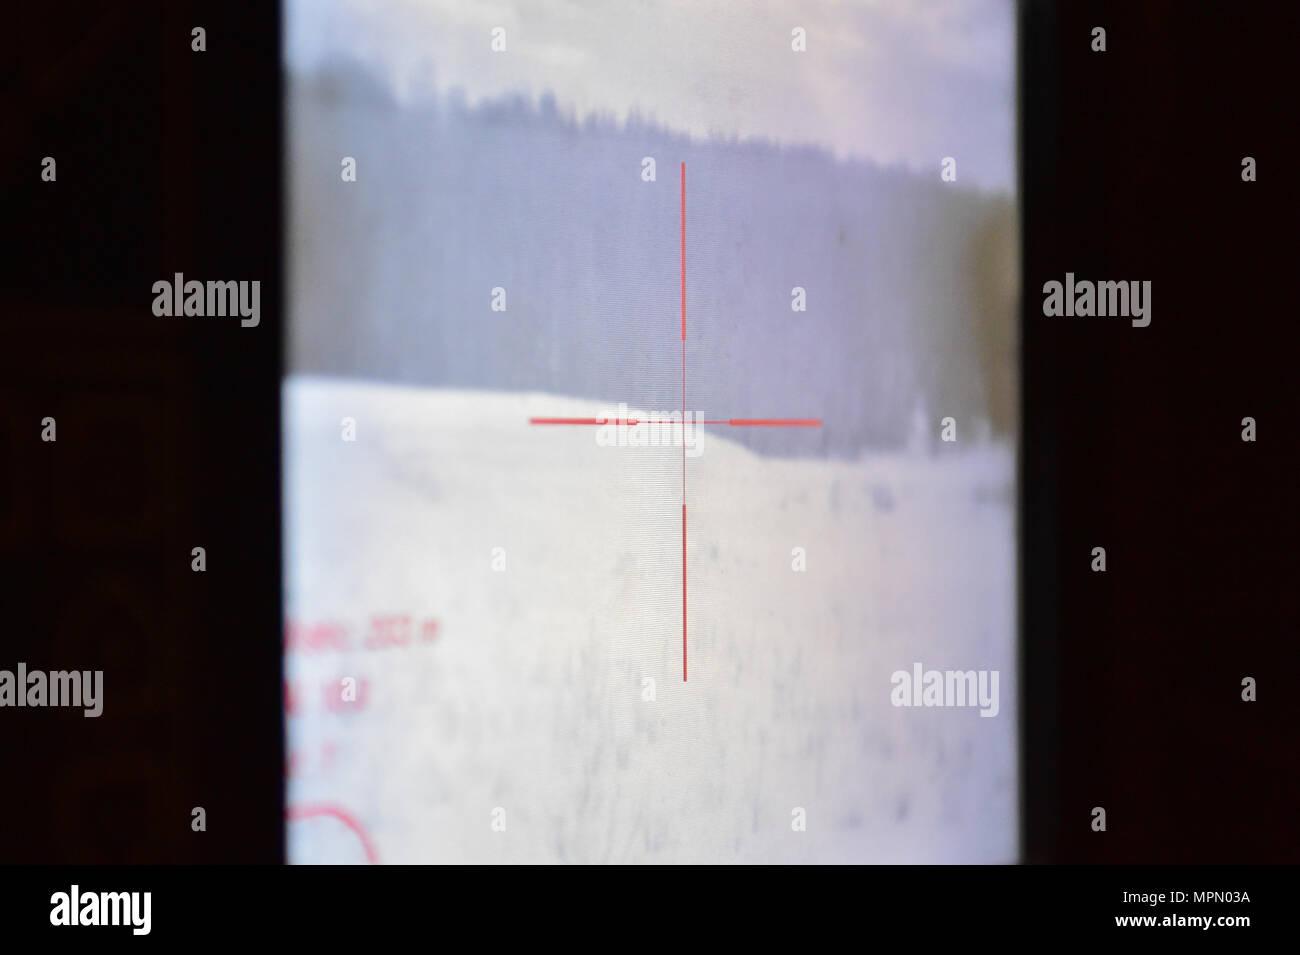 Das Zielfadenkreuz Auf Einem Bildschirm Als Armee Sgt Gesehen Mayra